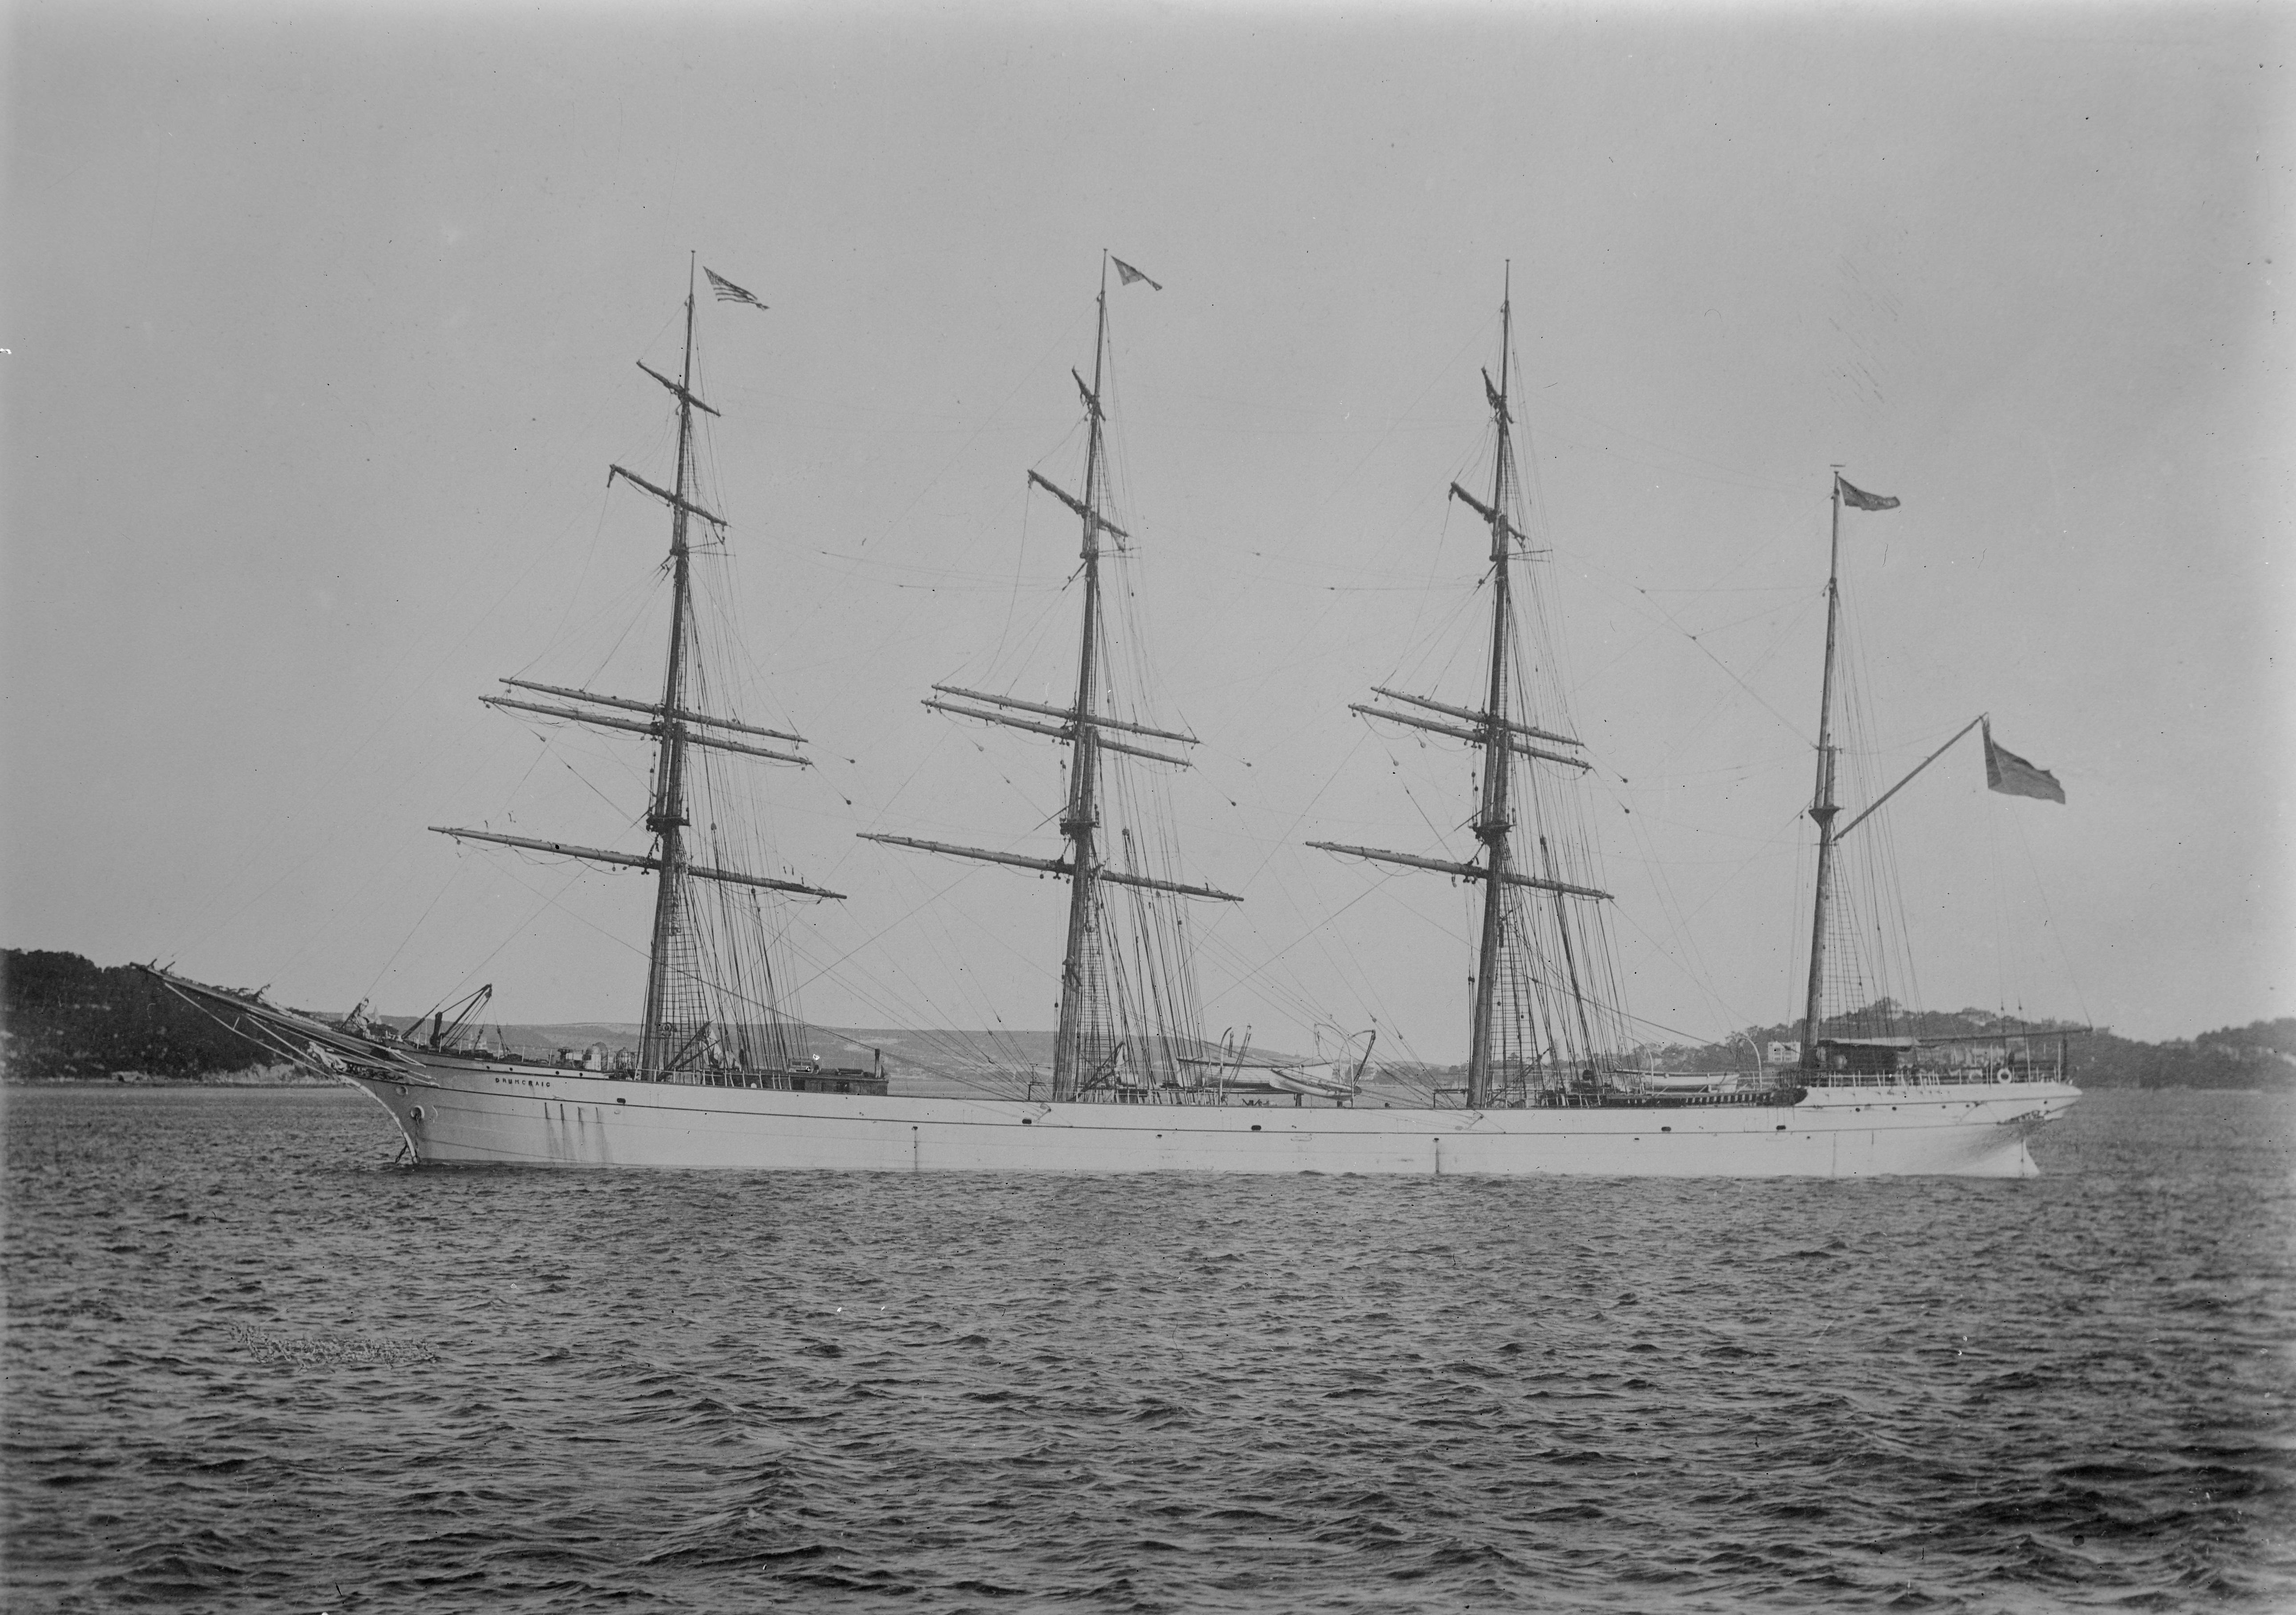 Drumcraig_(ship,_1885)_-_SLV_H91.250-227.jpg